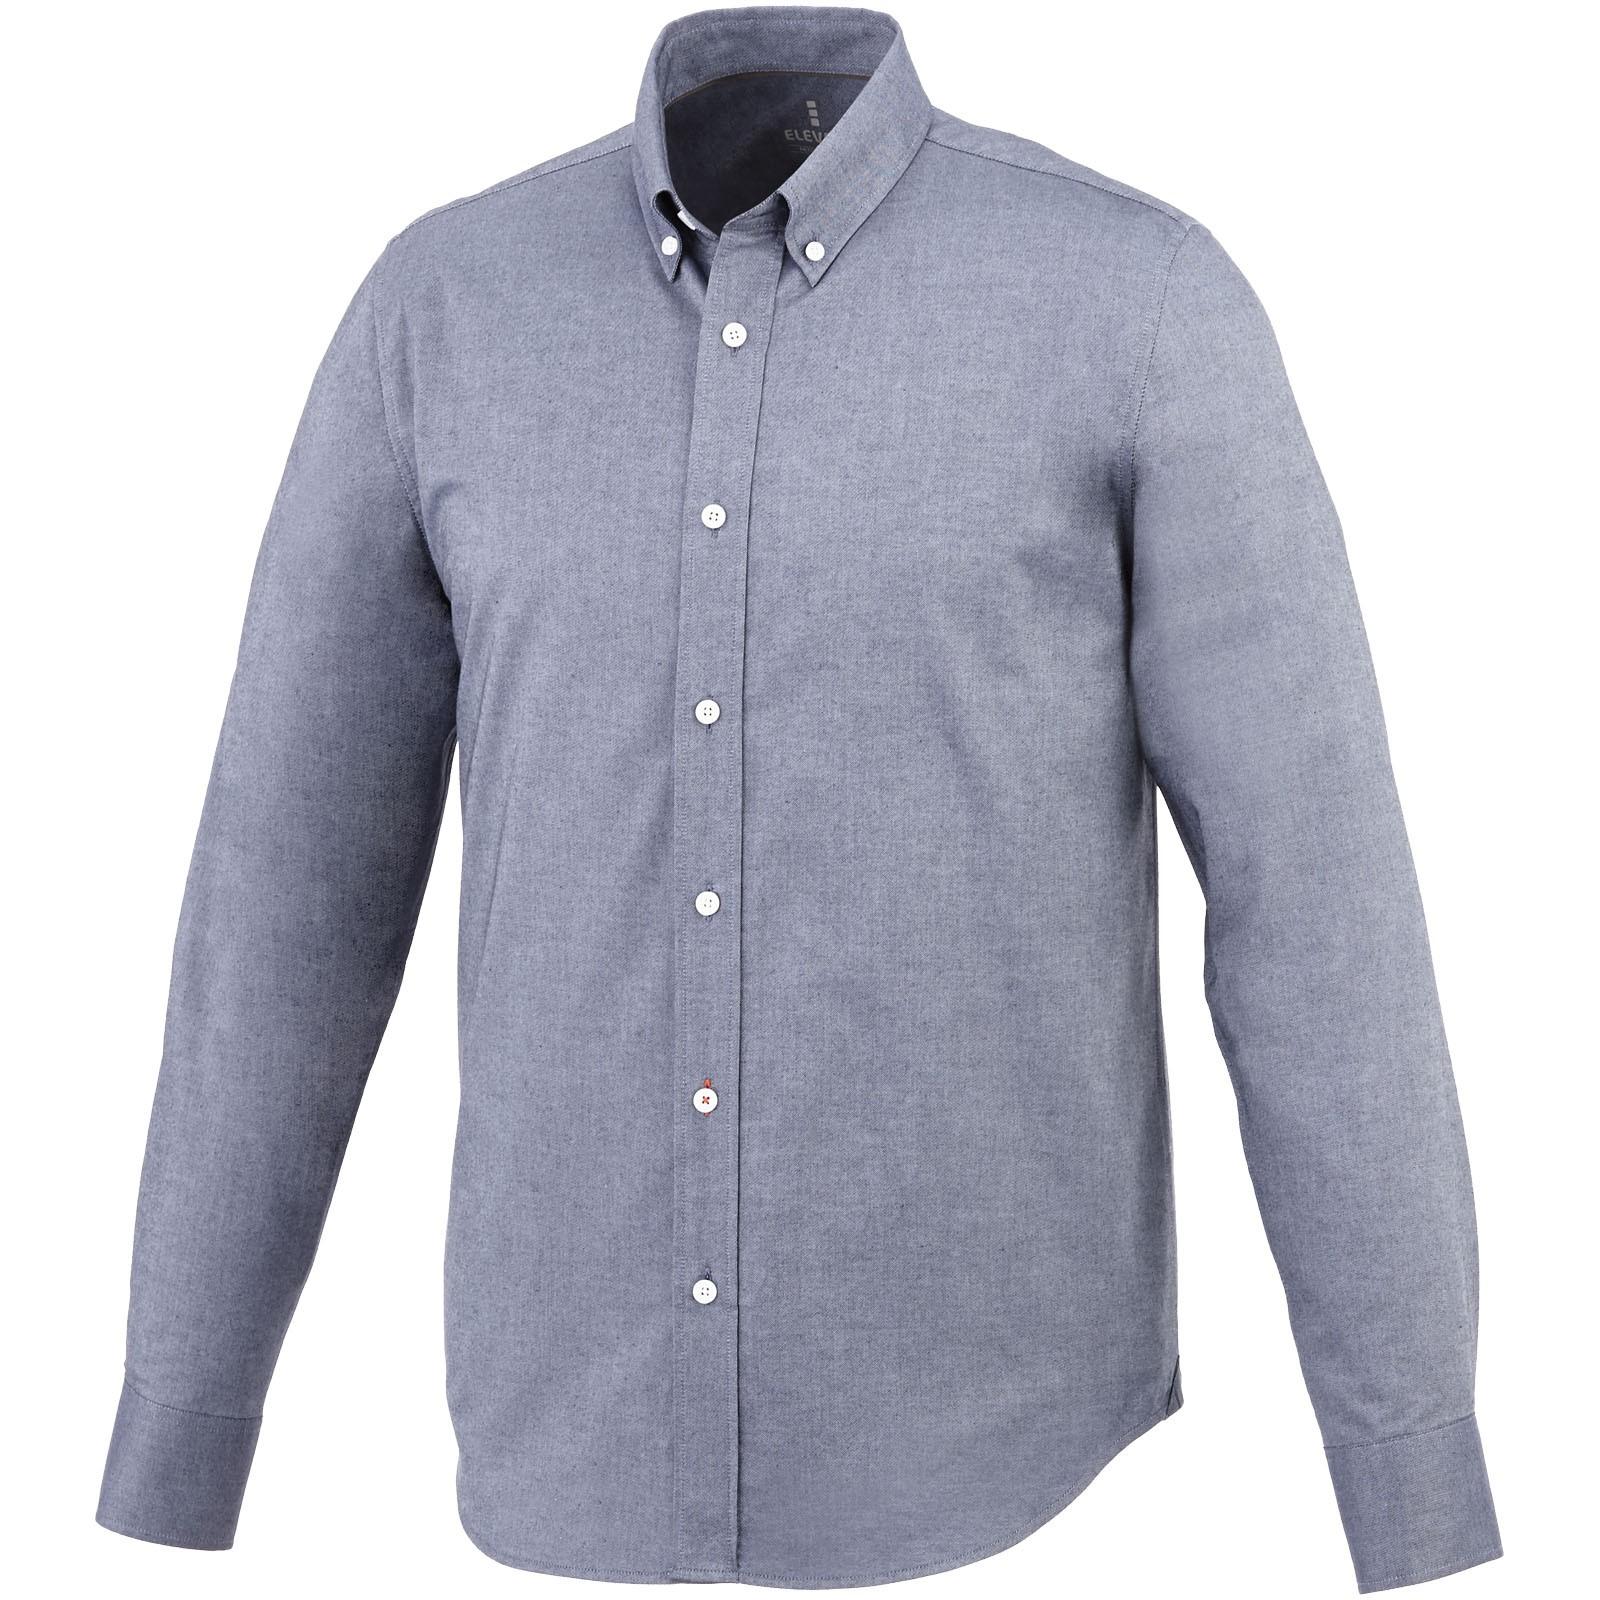 Vaillant košile s dlouhým rukávem - Oxford navy / XS